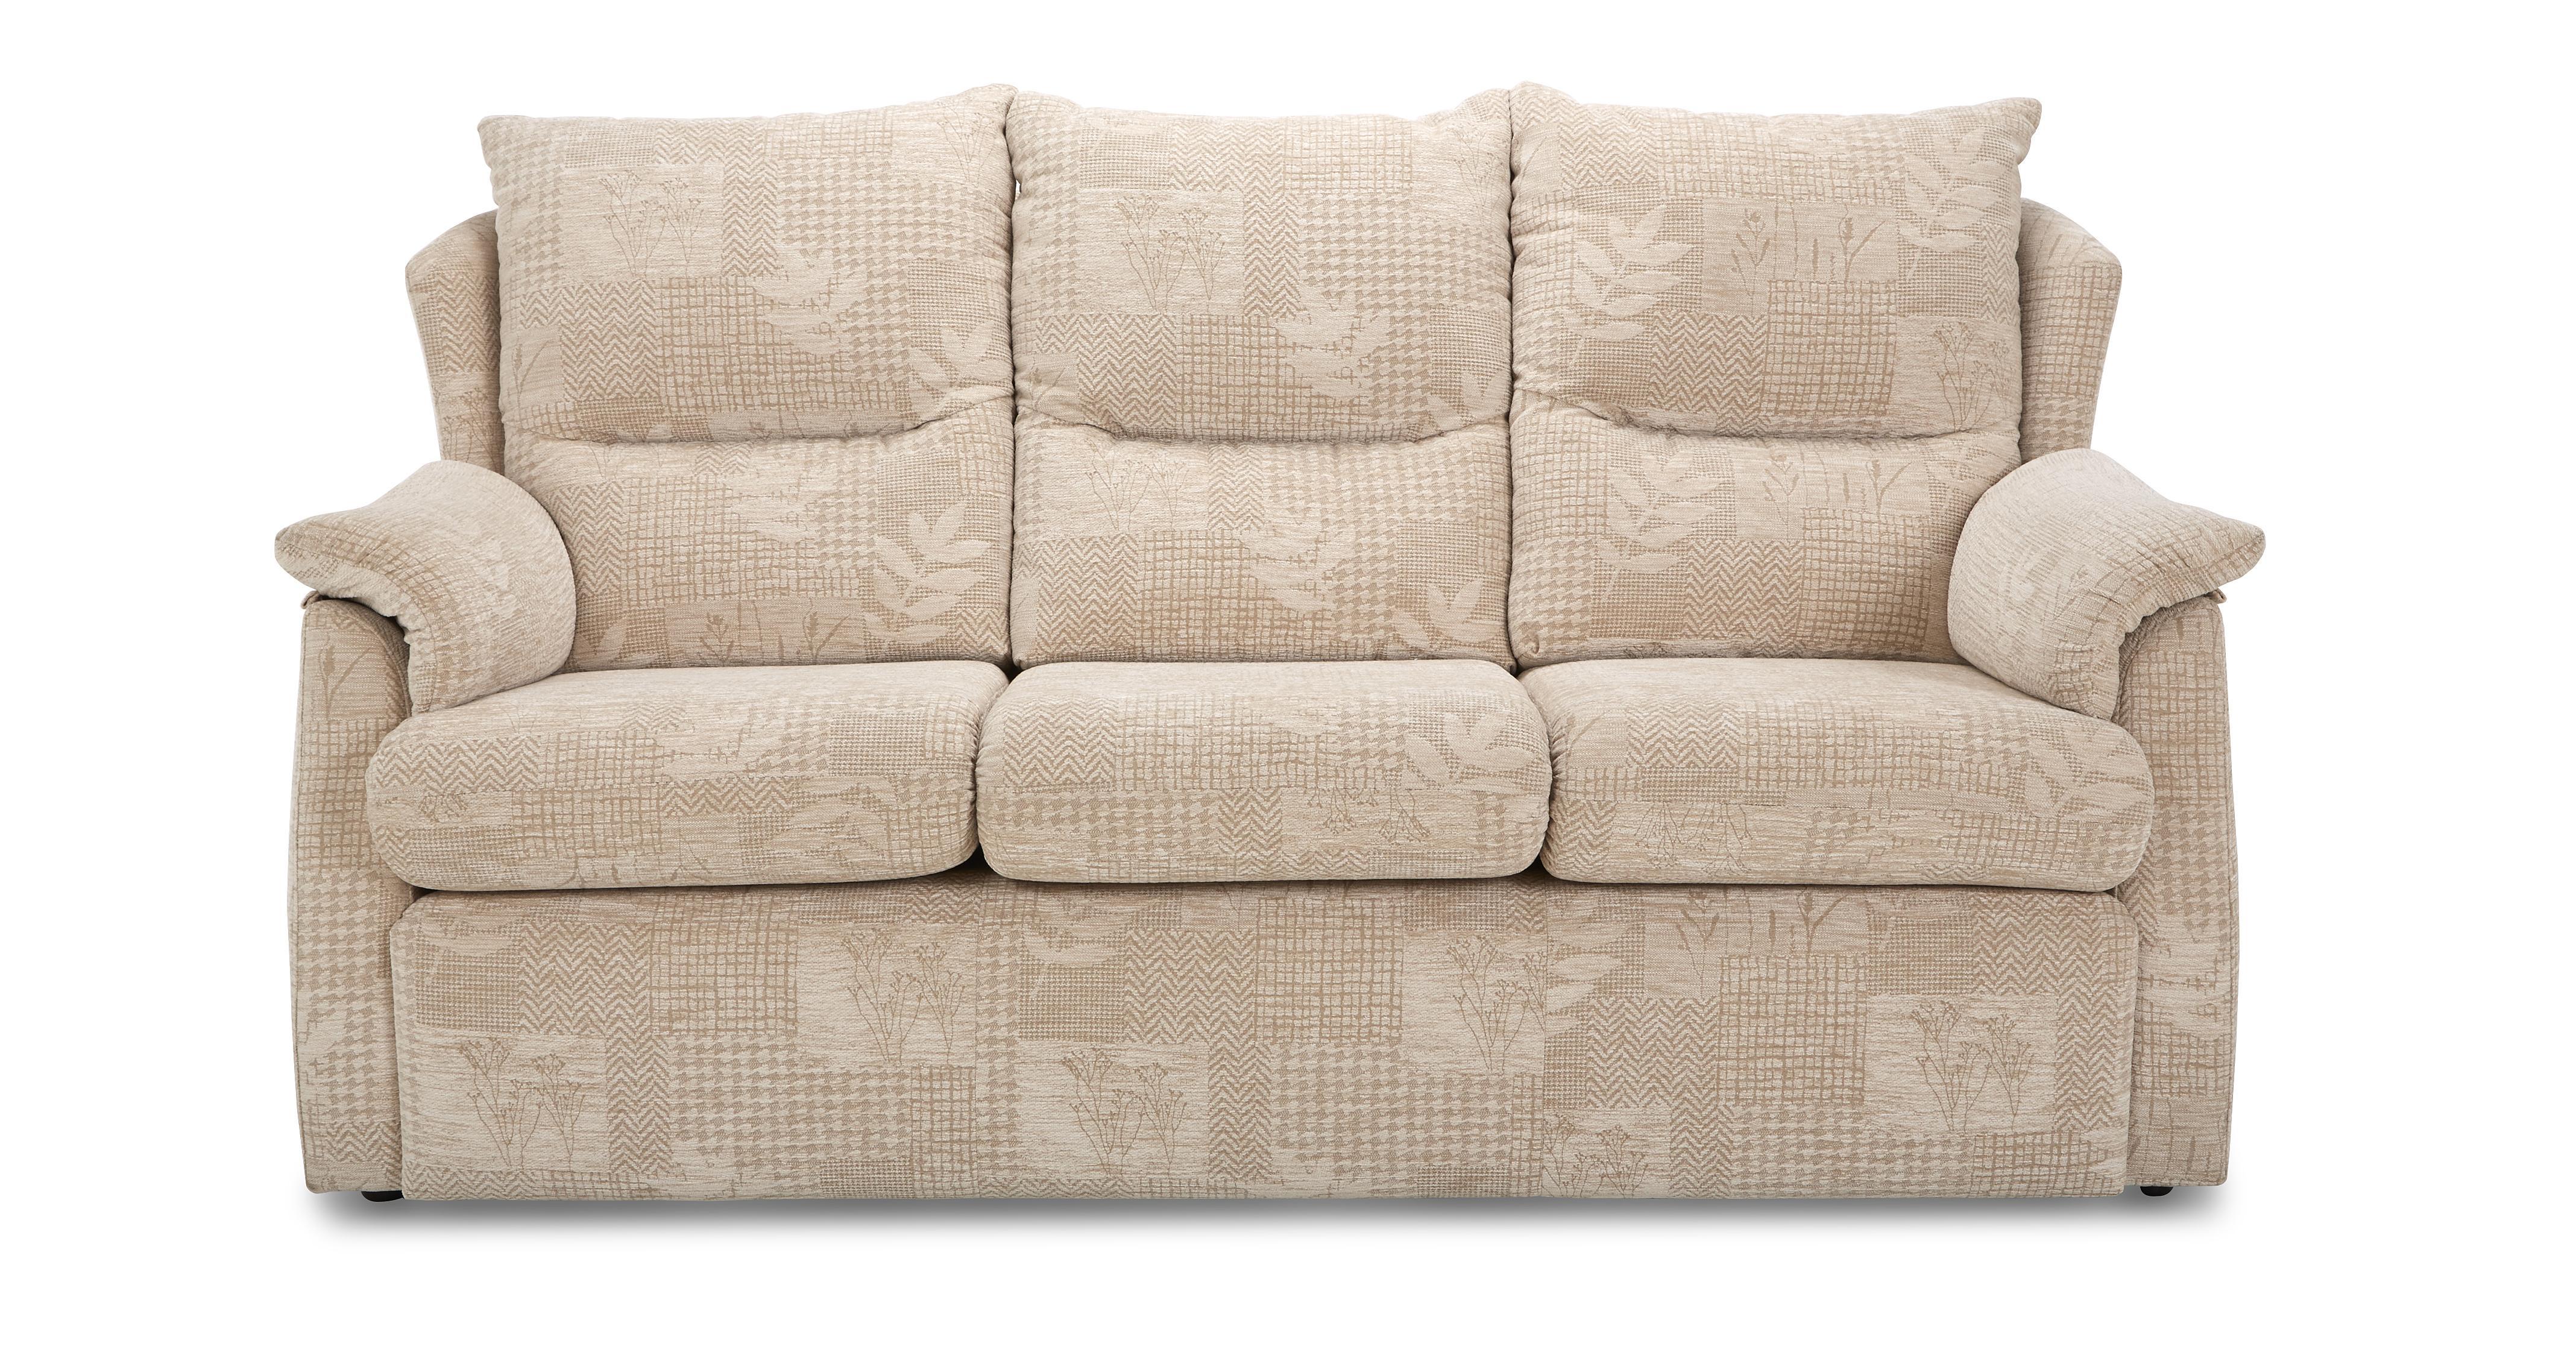 Strange Stow Fabric C 3 Seater Sofa Inzonedesignstudio Interior Chair Design Inzonedesignstudiocom